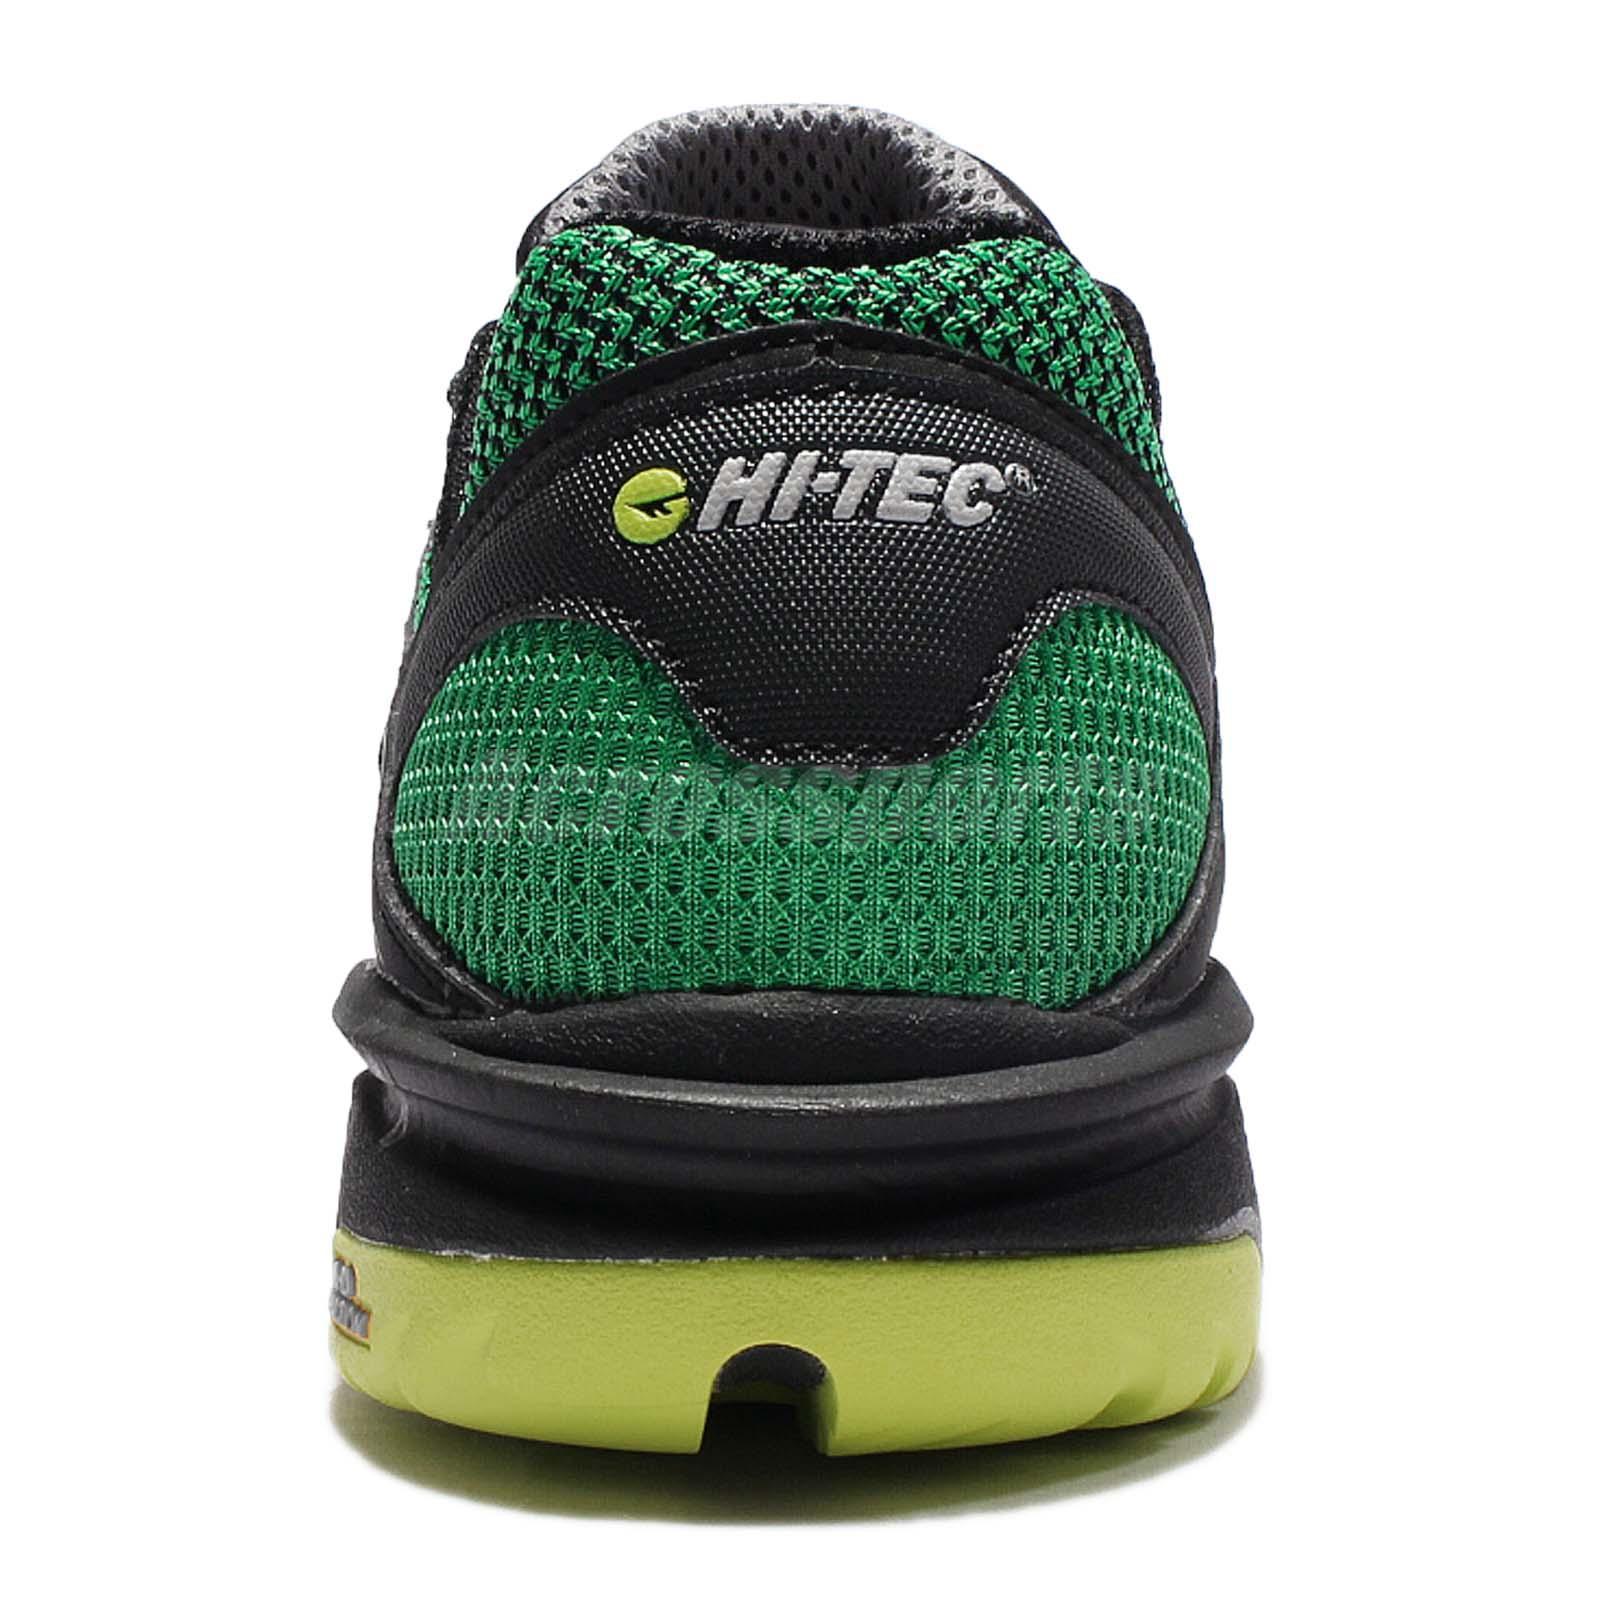 Hi-Tec velocidad-Life respirar Ultra Negro Verde Hombres Zapatillas ... a9cdb605f7b26